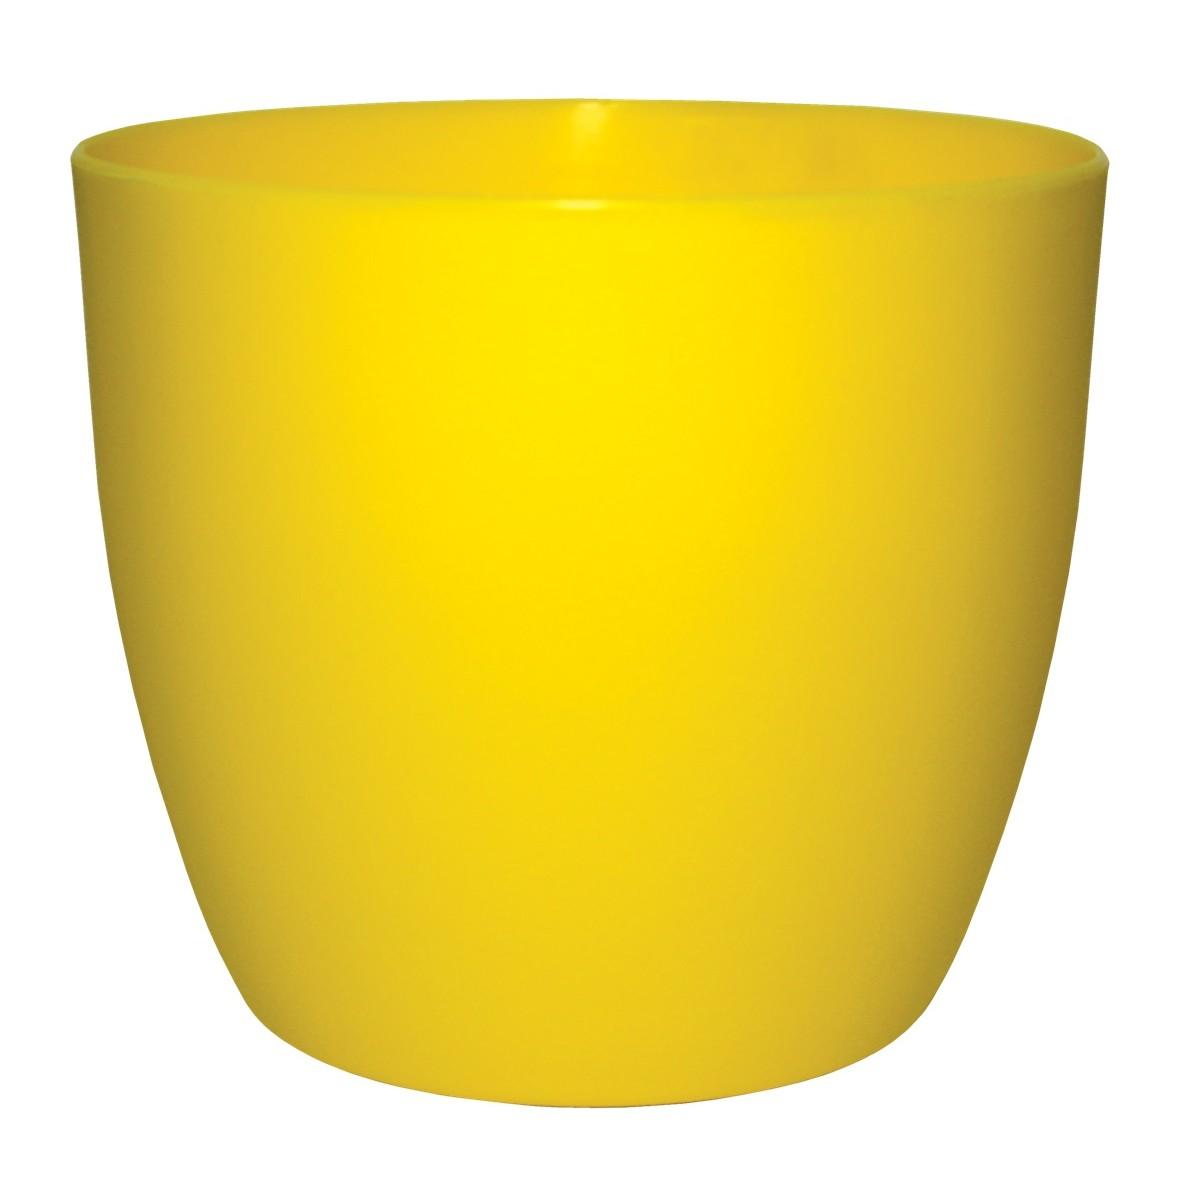 Vaso para Plantas Plastico 12cm Musique Amarelo VPMRY11 - Japi